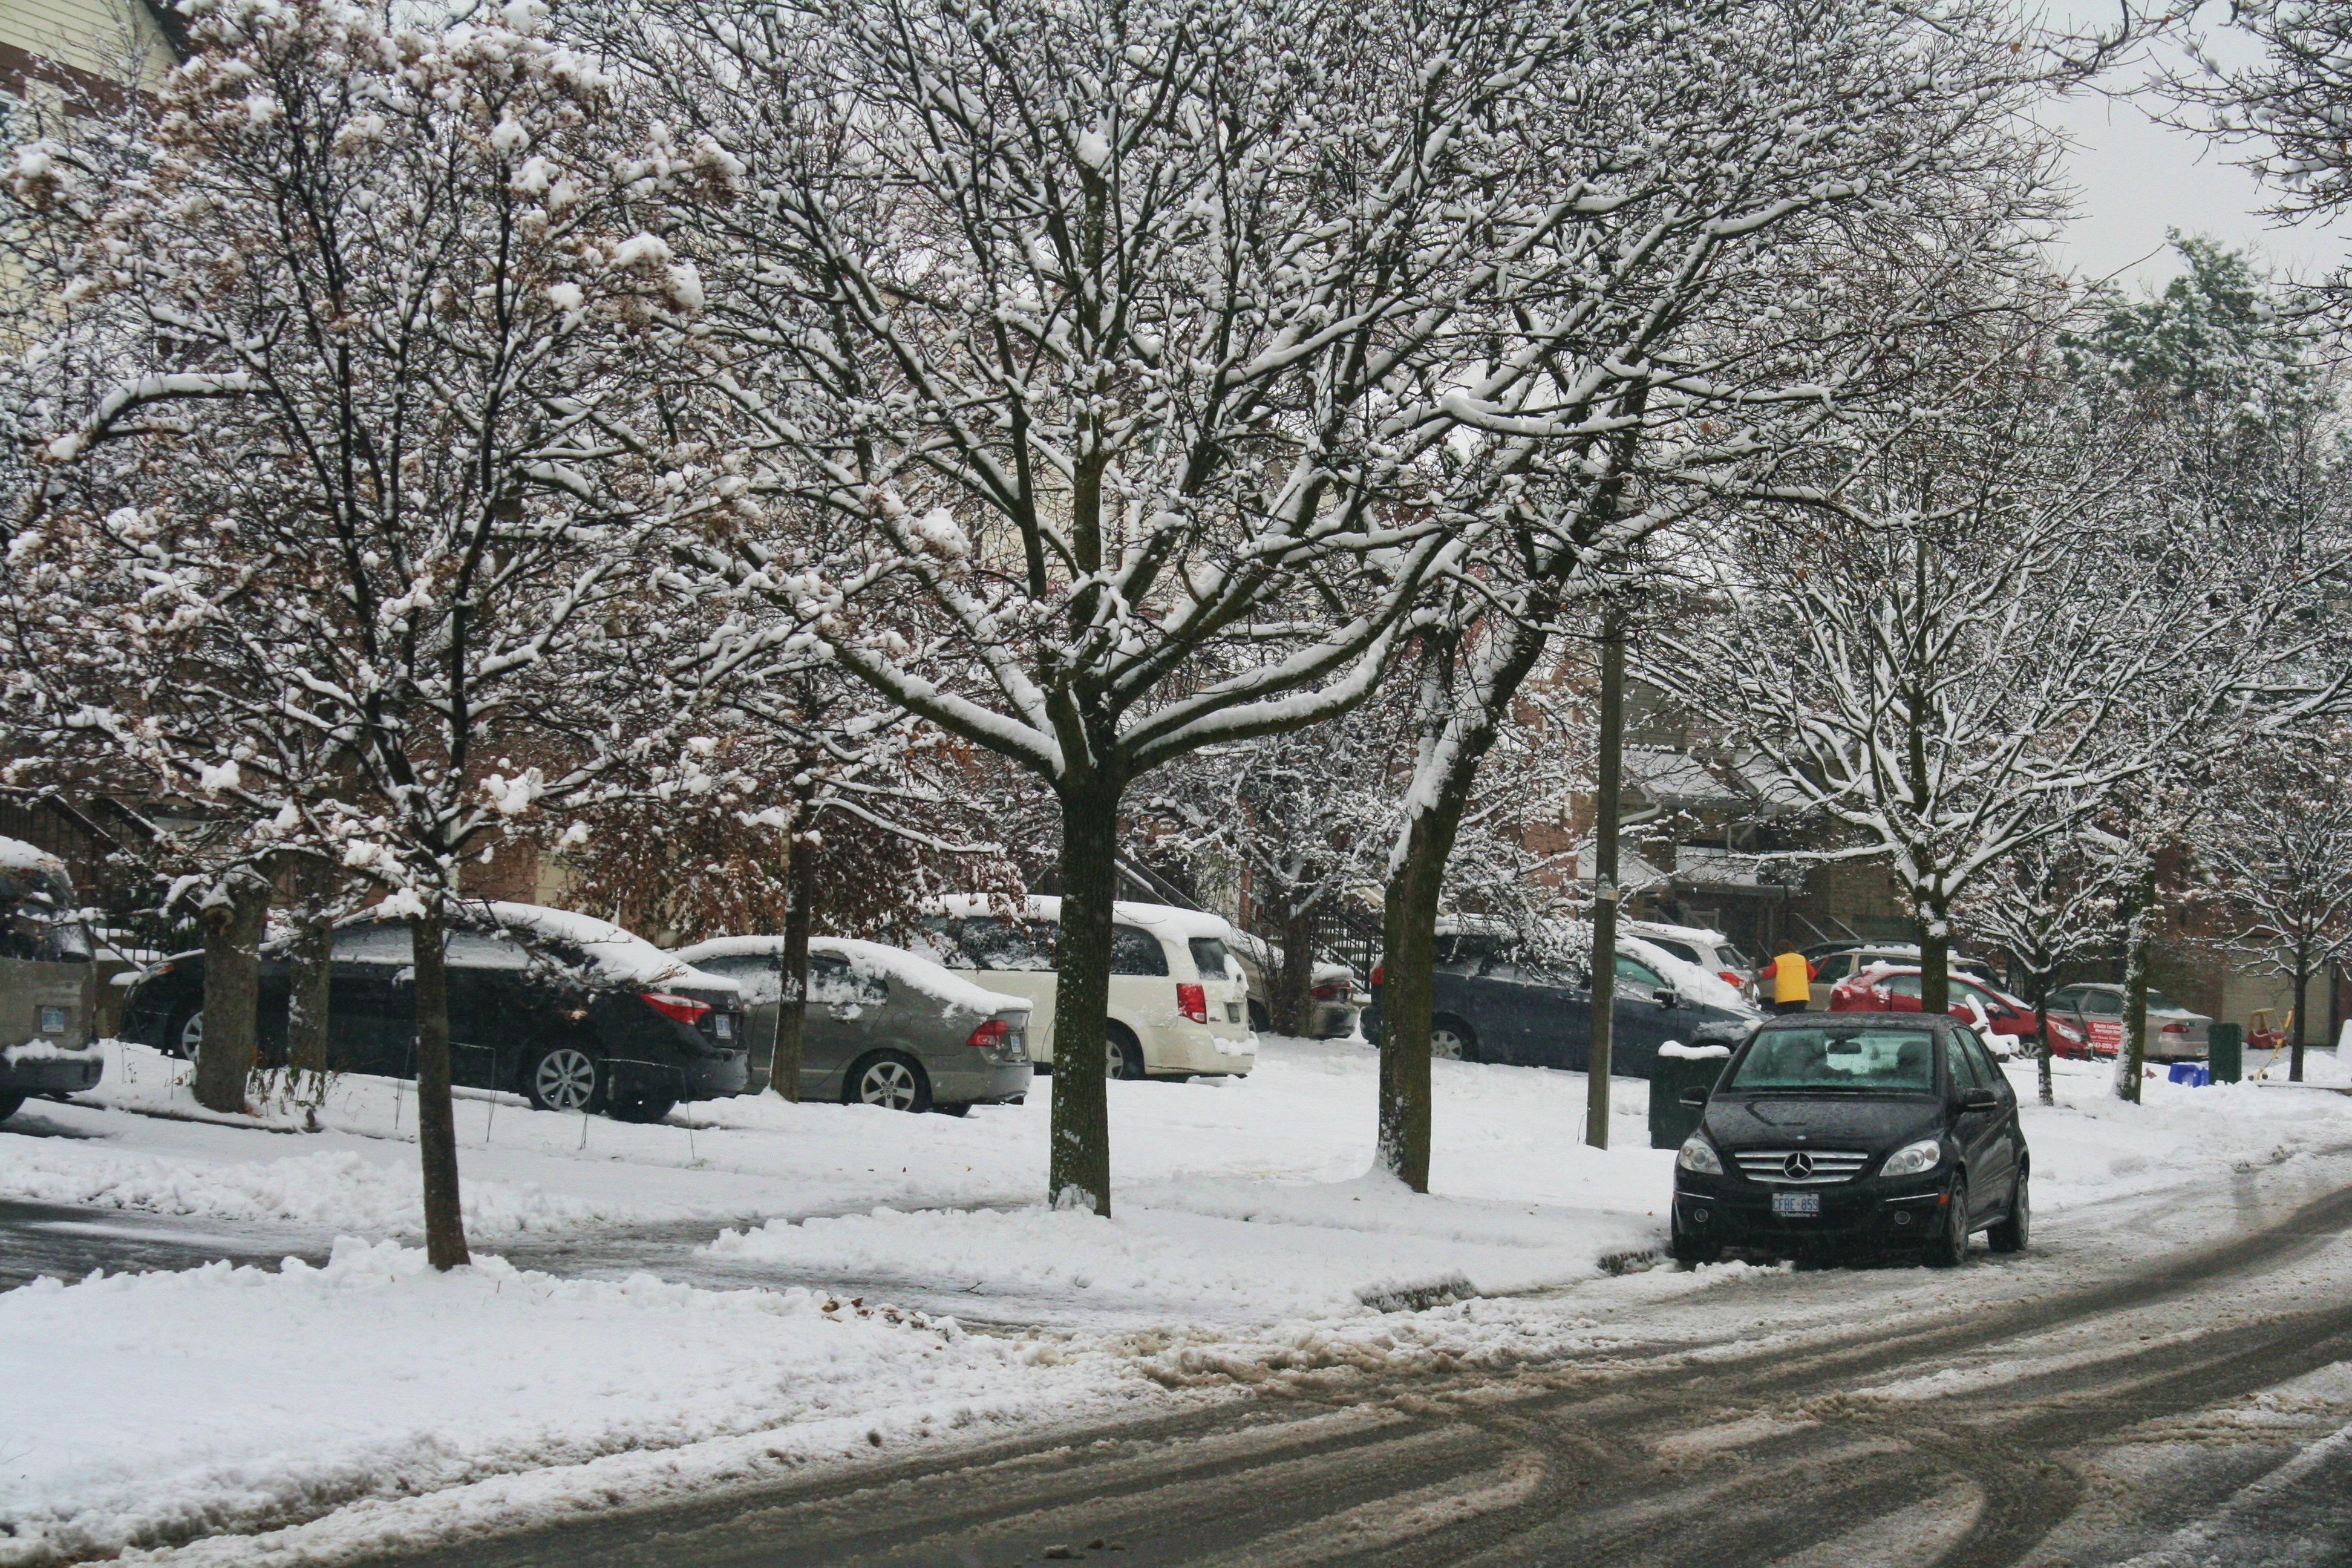 Winter-Wetter: In diesen Regionen kommt es zu viel Schnee, Frost und